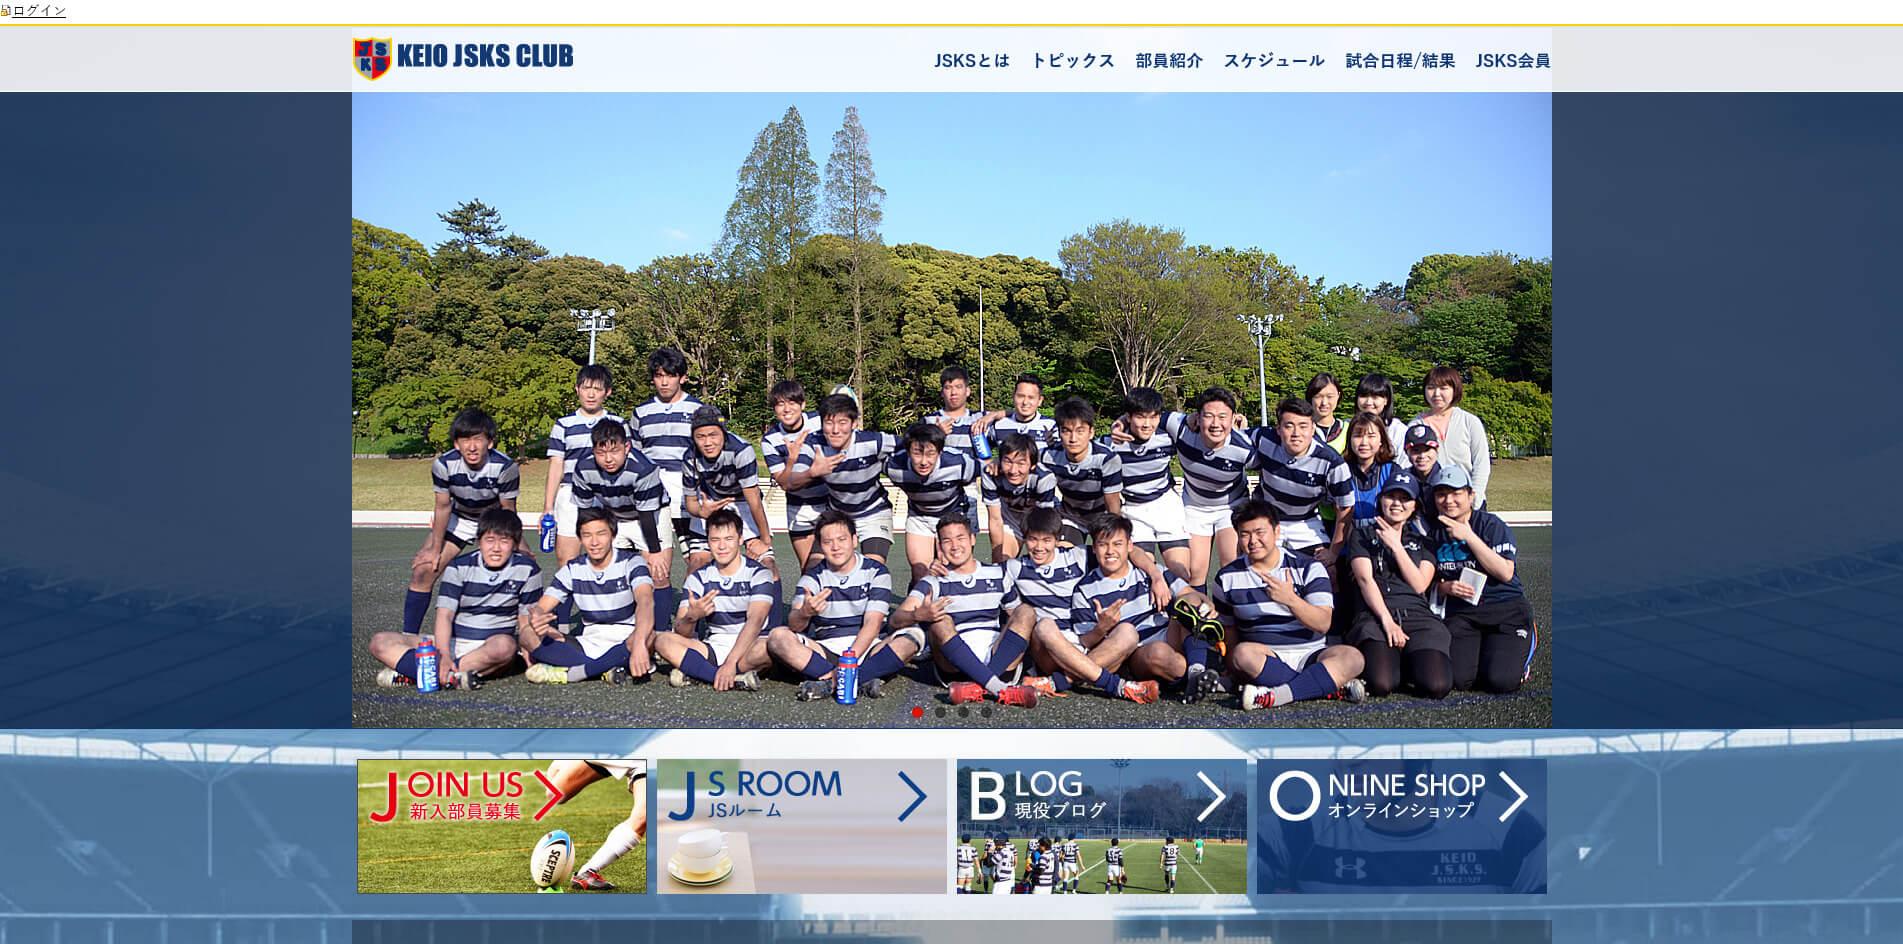 慶應JSKSクラブ 90年の歴史を誇るラグビークラブの公式サイト